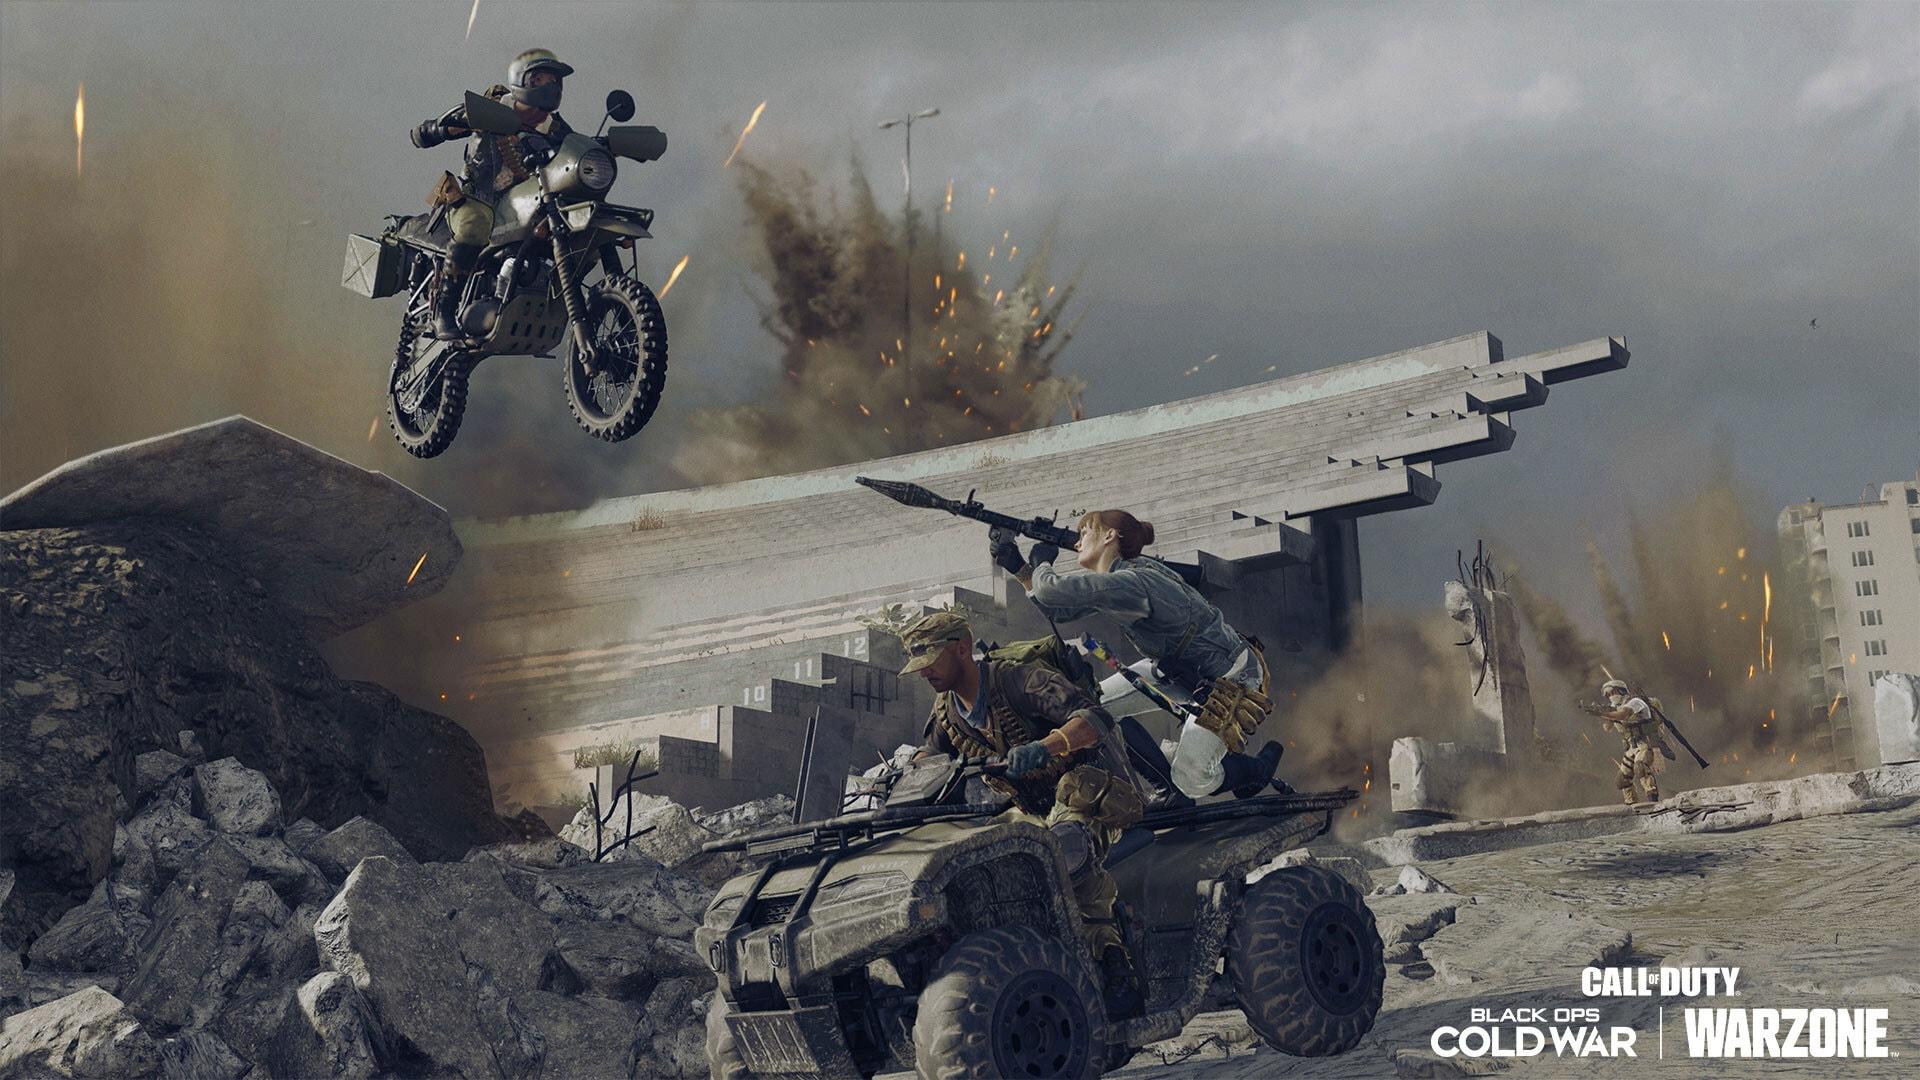 Menschen auf einem Allradfahrzeug, die mit einem Raketenwerfer auf eine Motorrad fahrende Person zielen